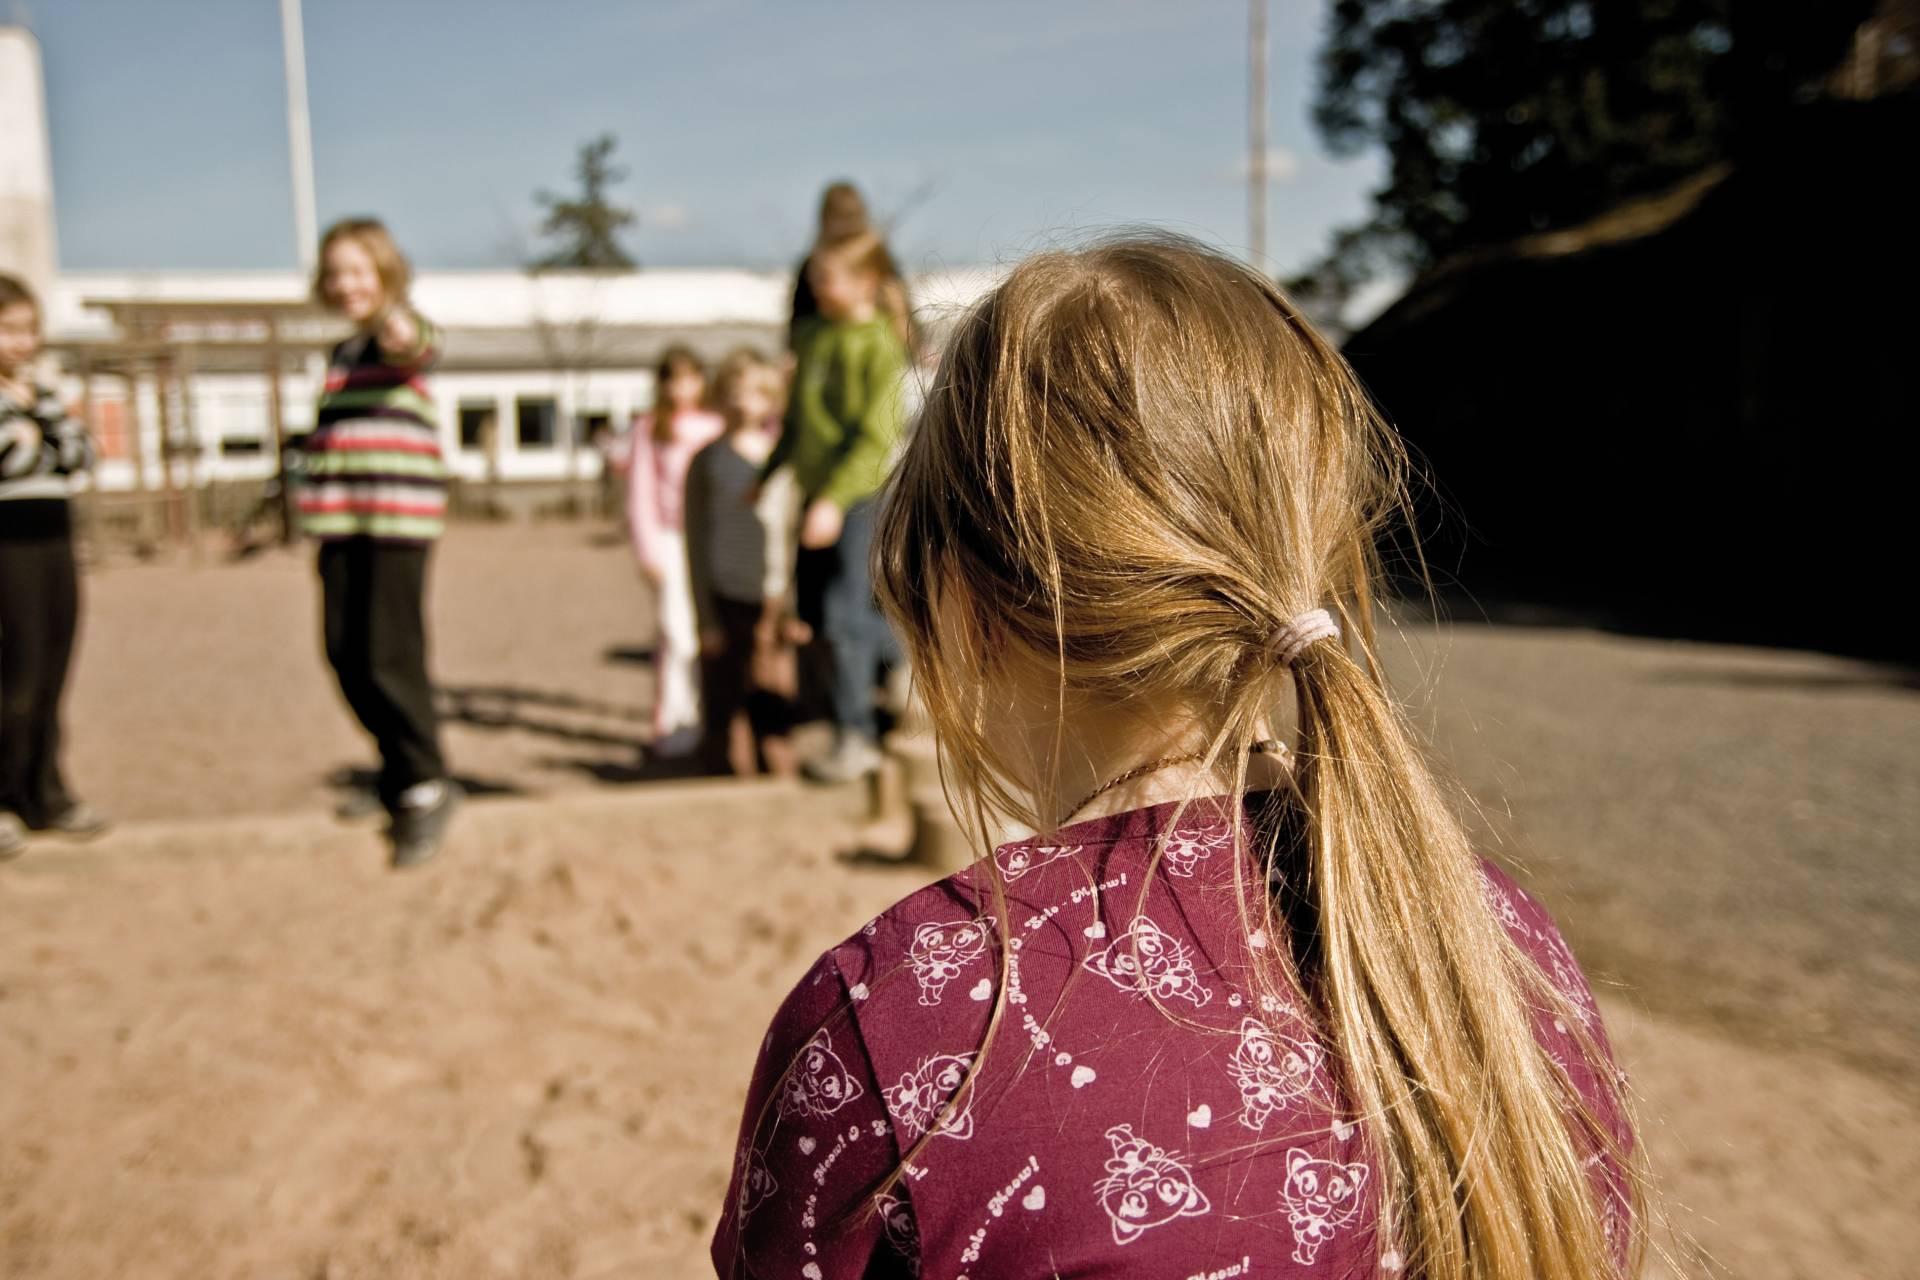 Kuvituskuva tytöstä joka jäänyt leikin ulkopuolelle koulun pihalla